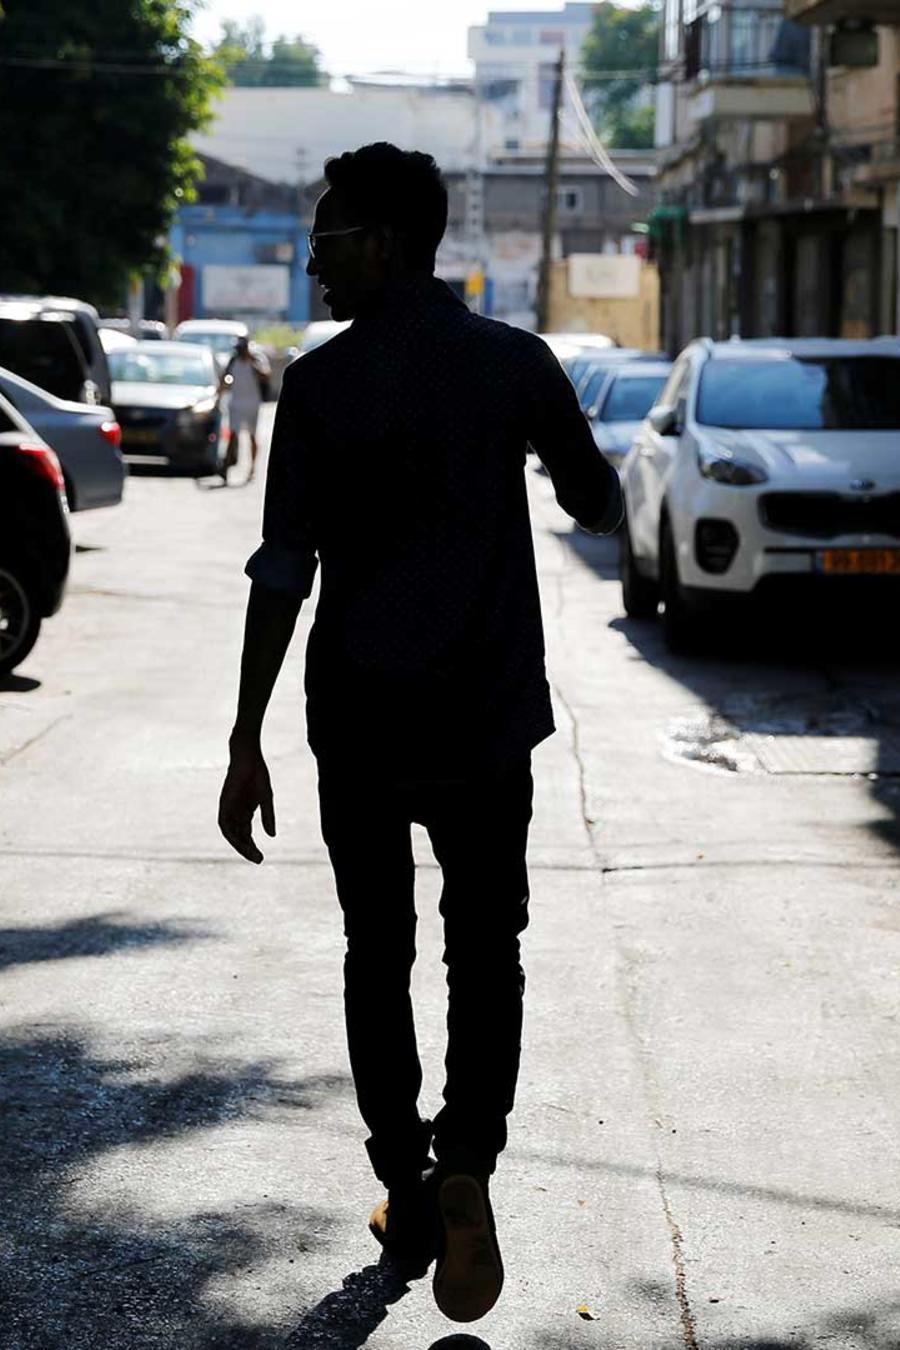 Foto de archivo: Silueta de un solicitante de asilo